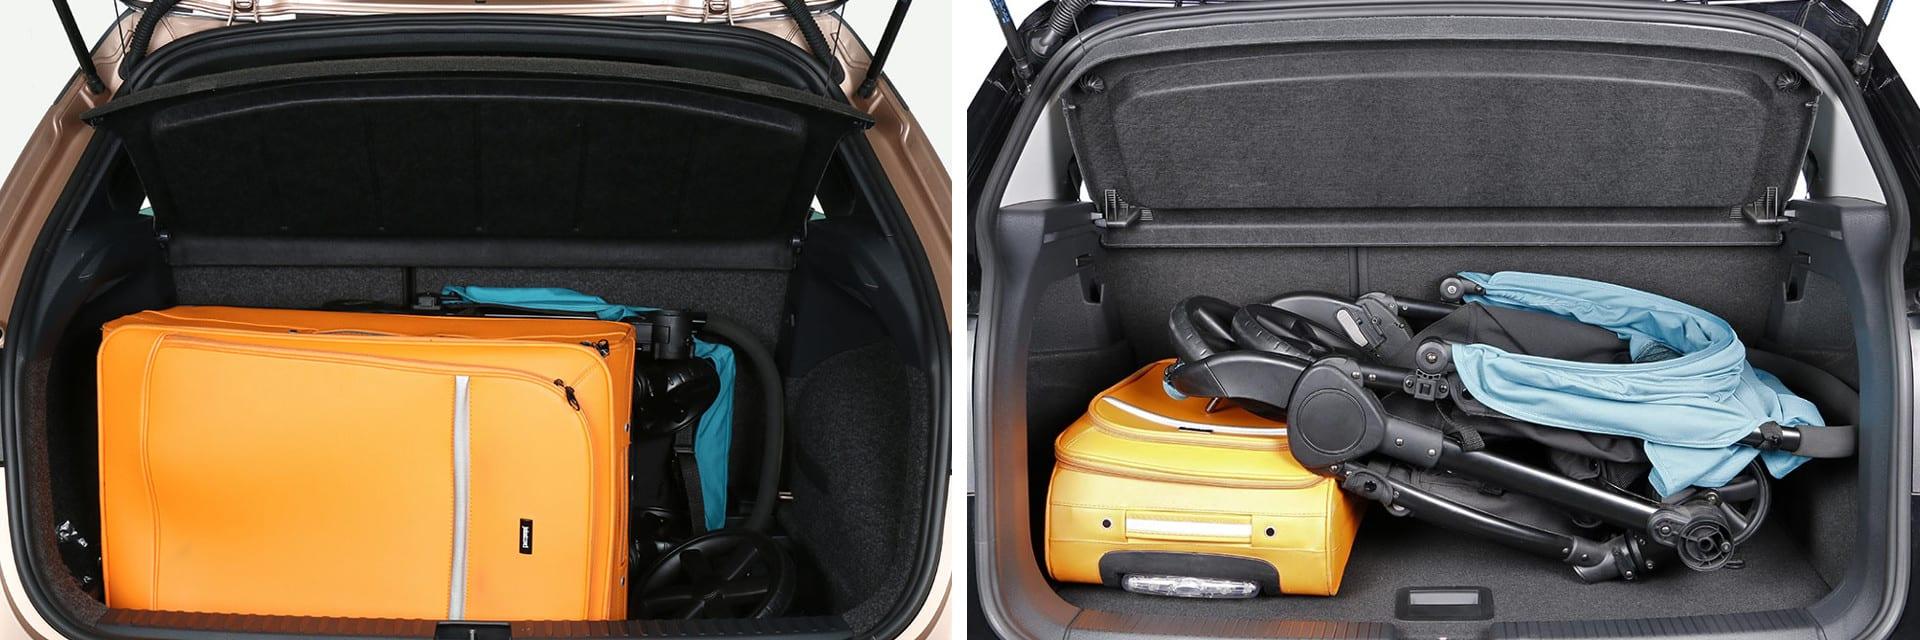 El SEAT Arona (izq.) tiene un maletero de 400 litros; el del Volkswagen T-Cross (dcha) es de 455 litros. / km77